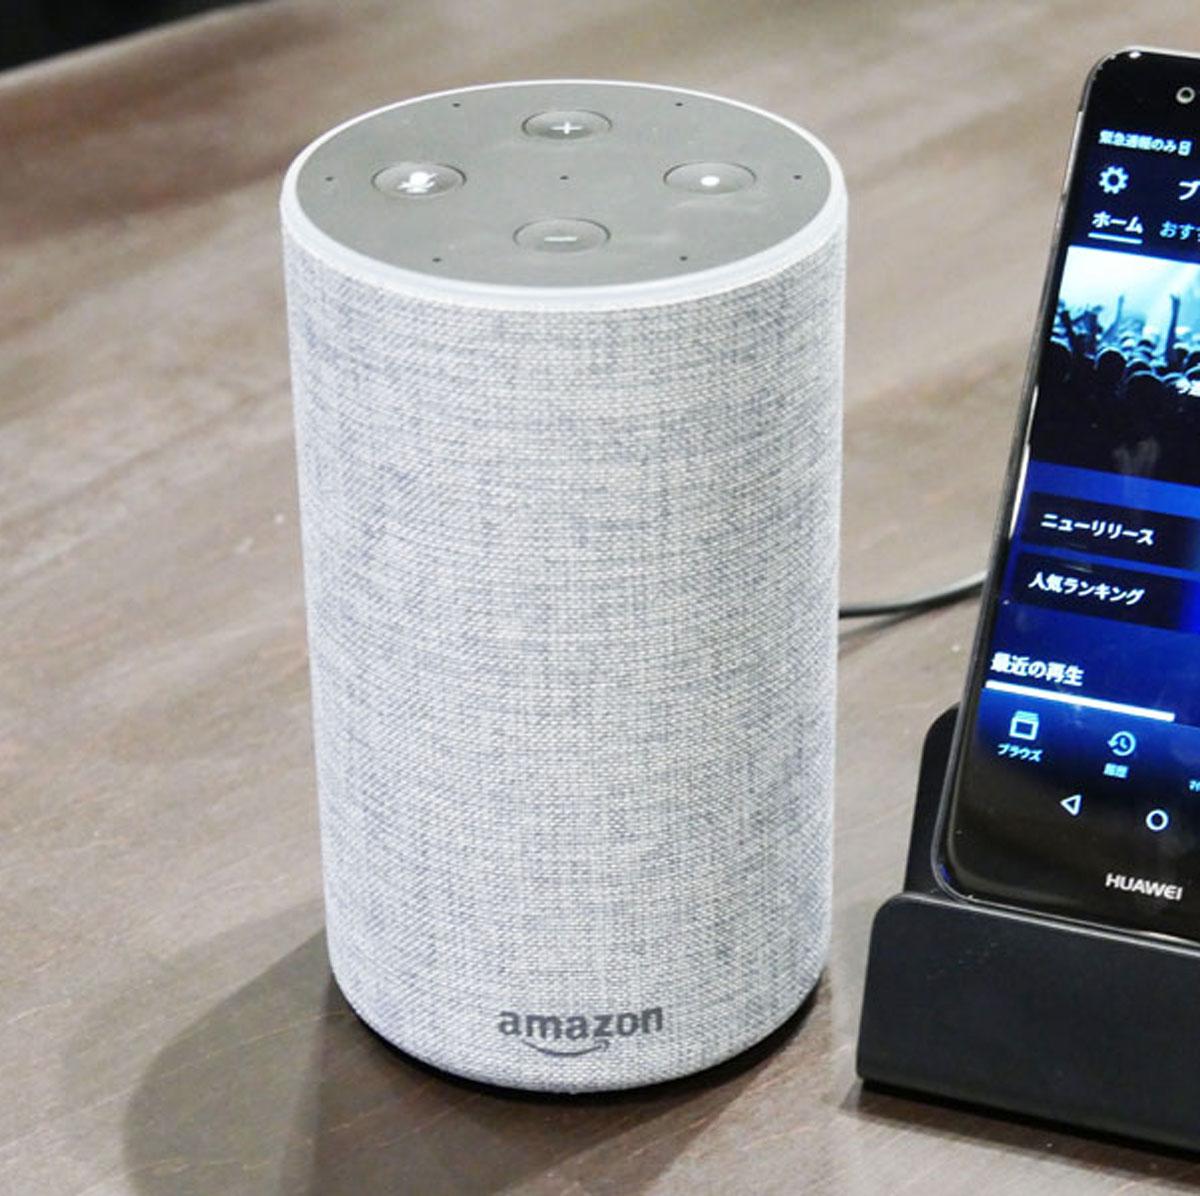 アマゾン「Echo」が会話を勝手に録音して他人に送ってしまう